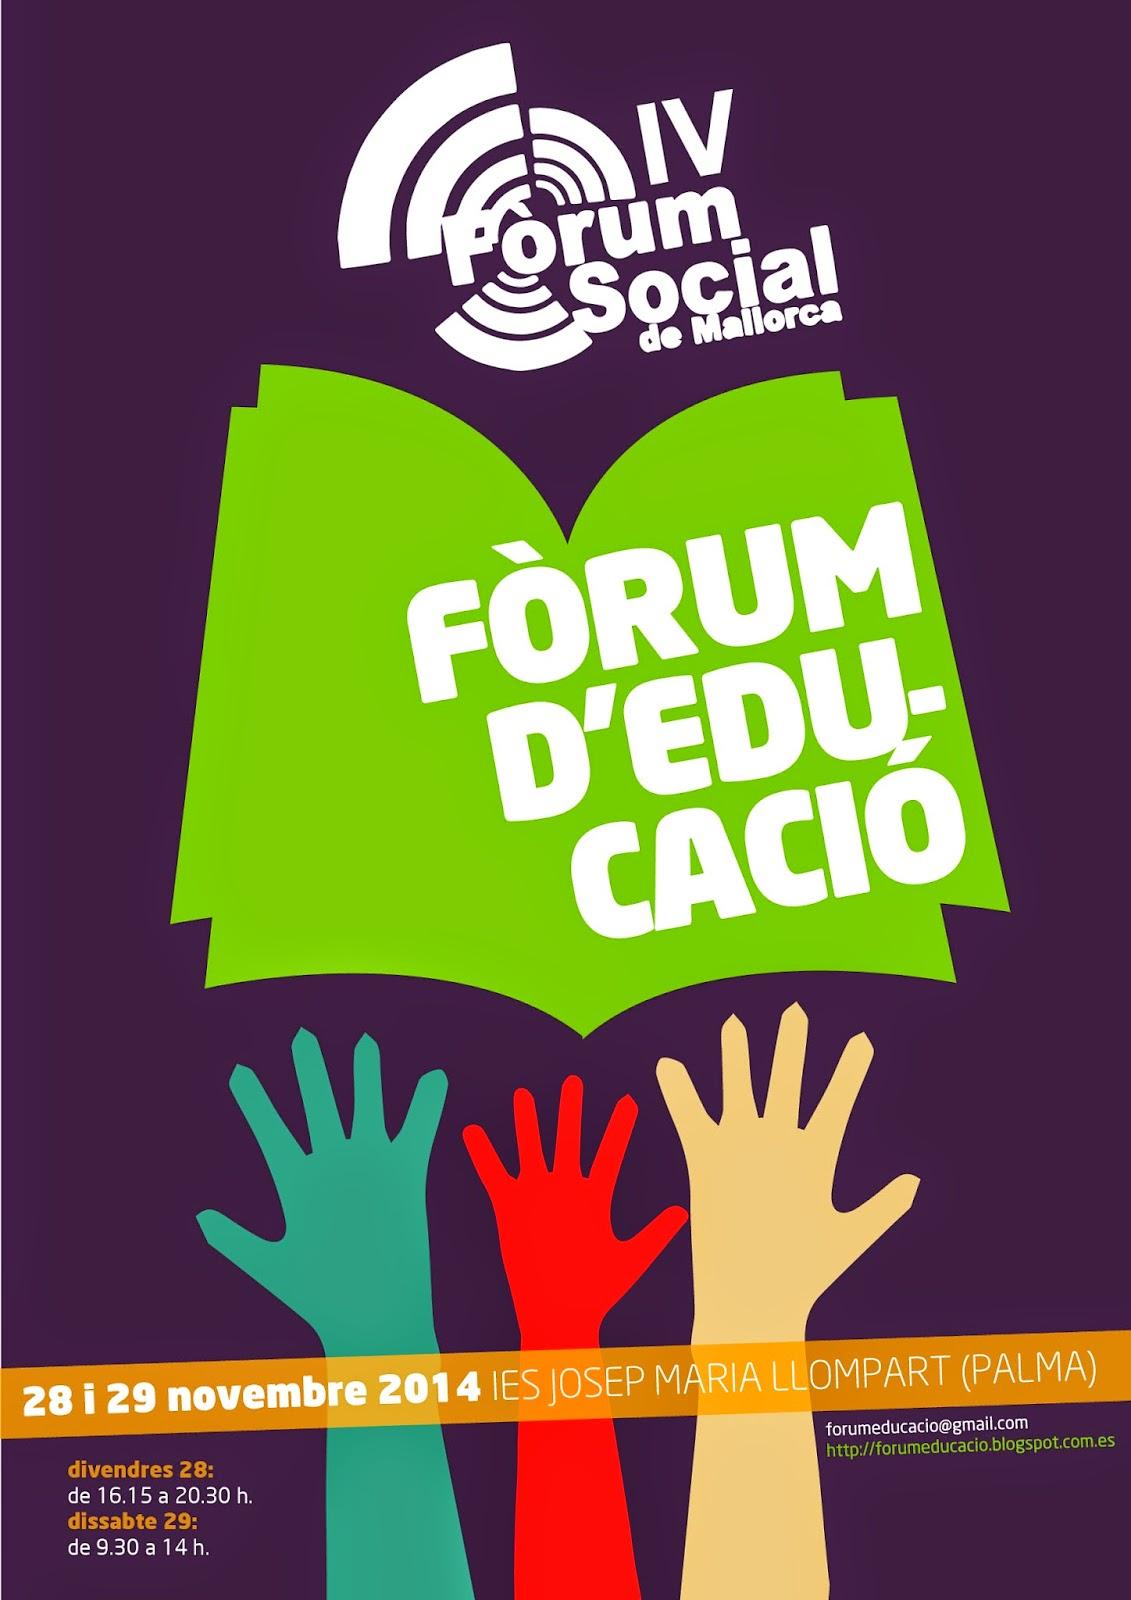 IV Fòrum Social de Mallorca (2014). Fòrum d'Educació